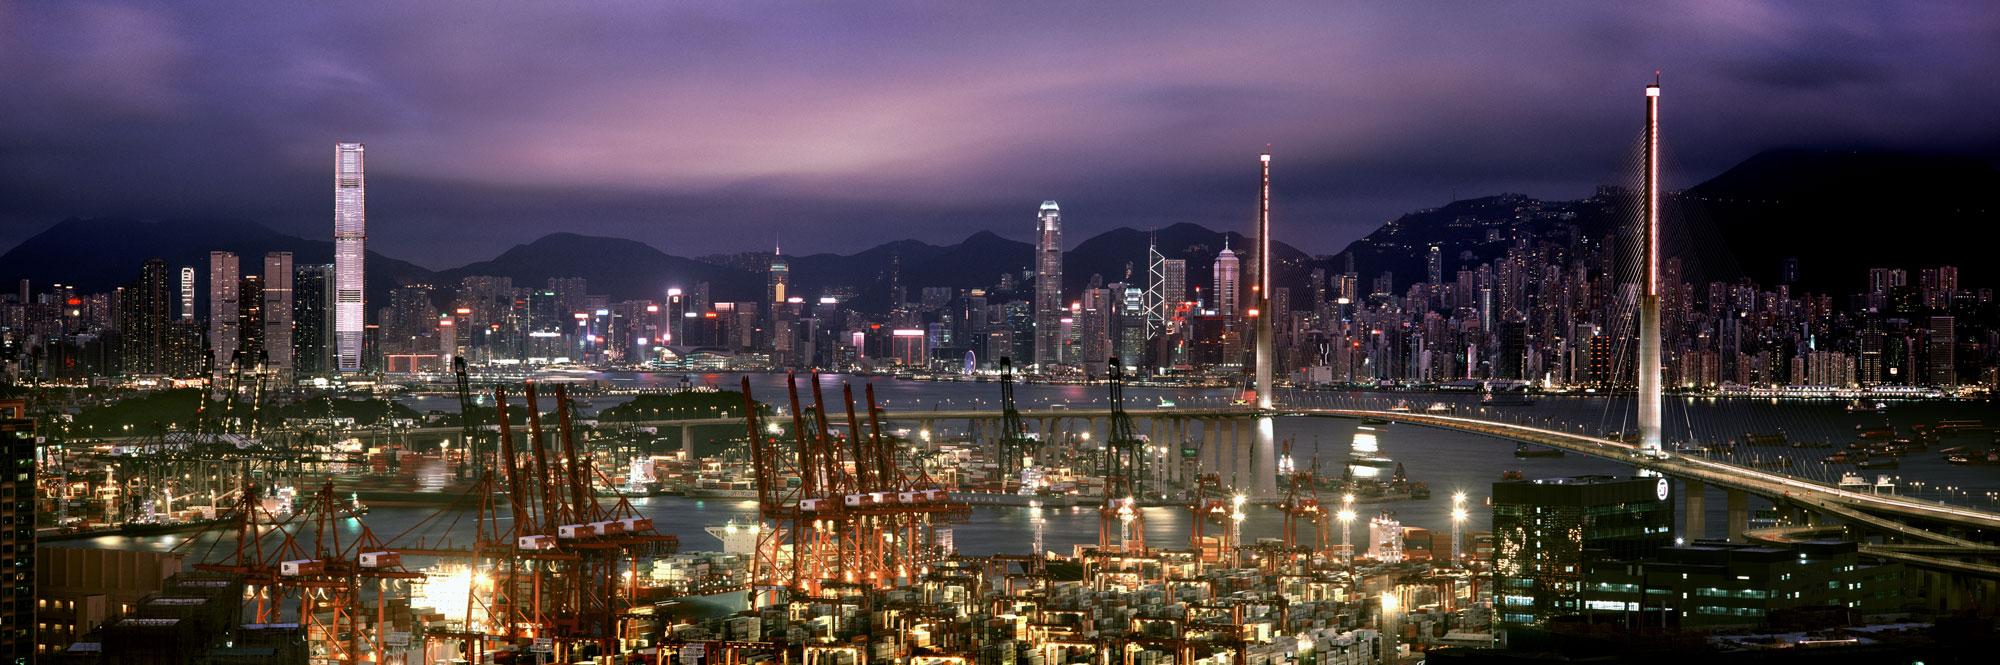 Hong Kong docks and the Skyline